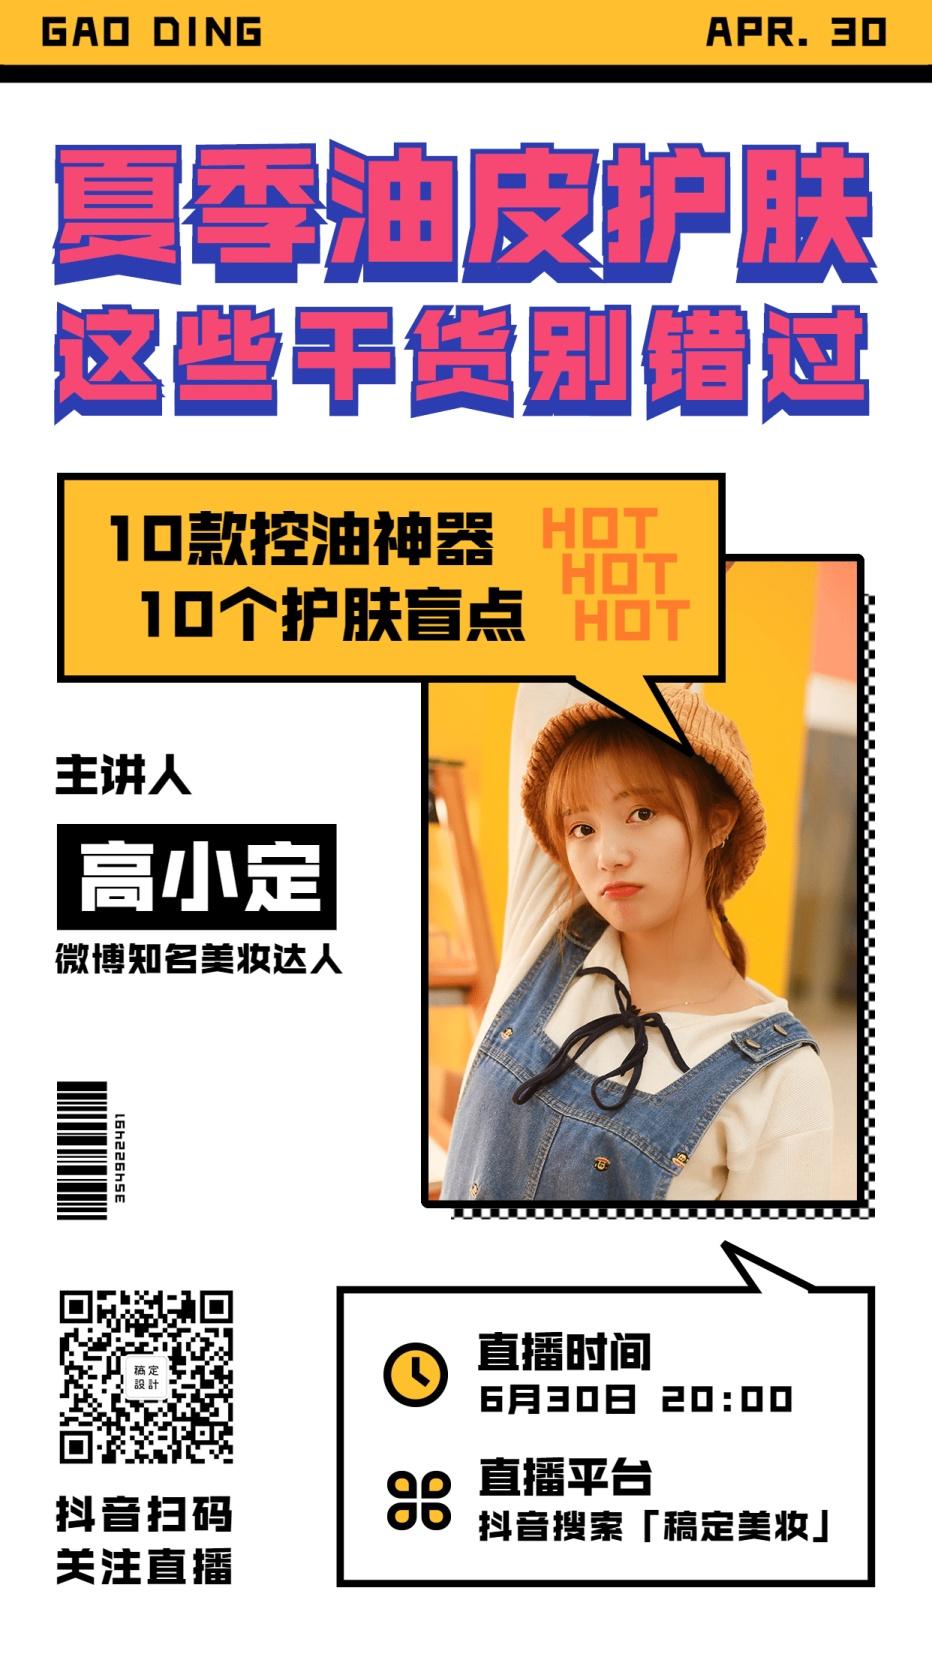 美妆综艺直播预告图框手机海报